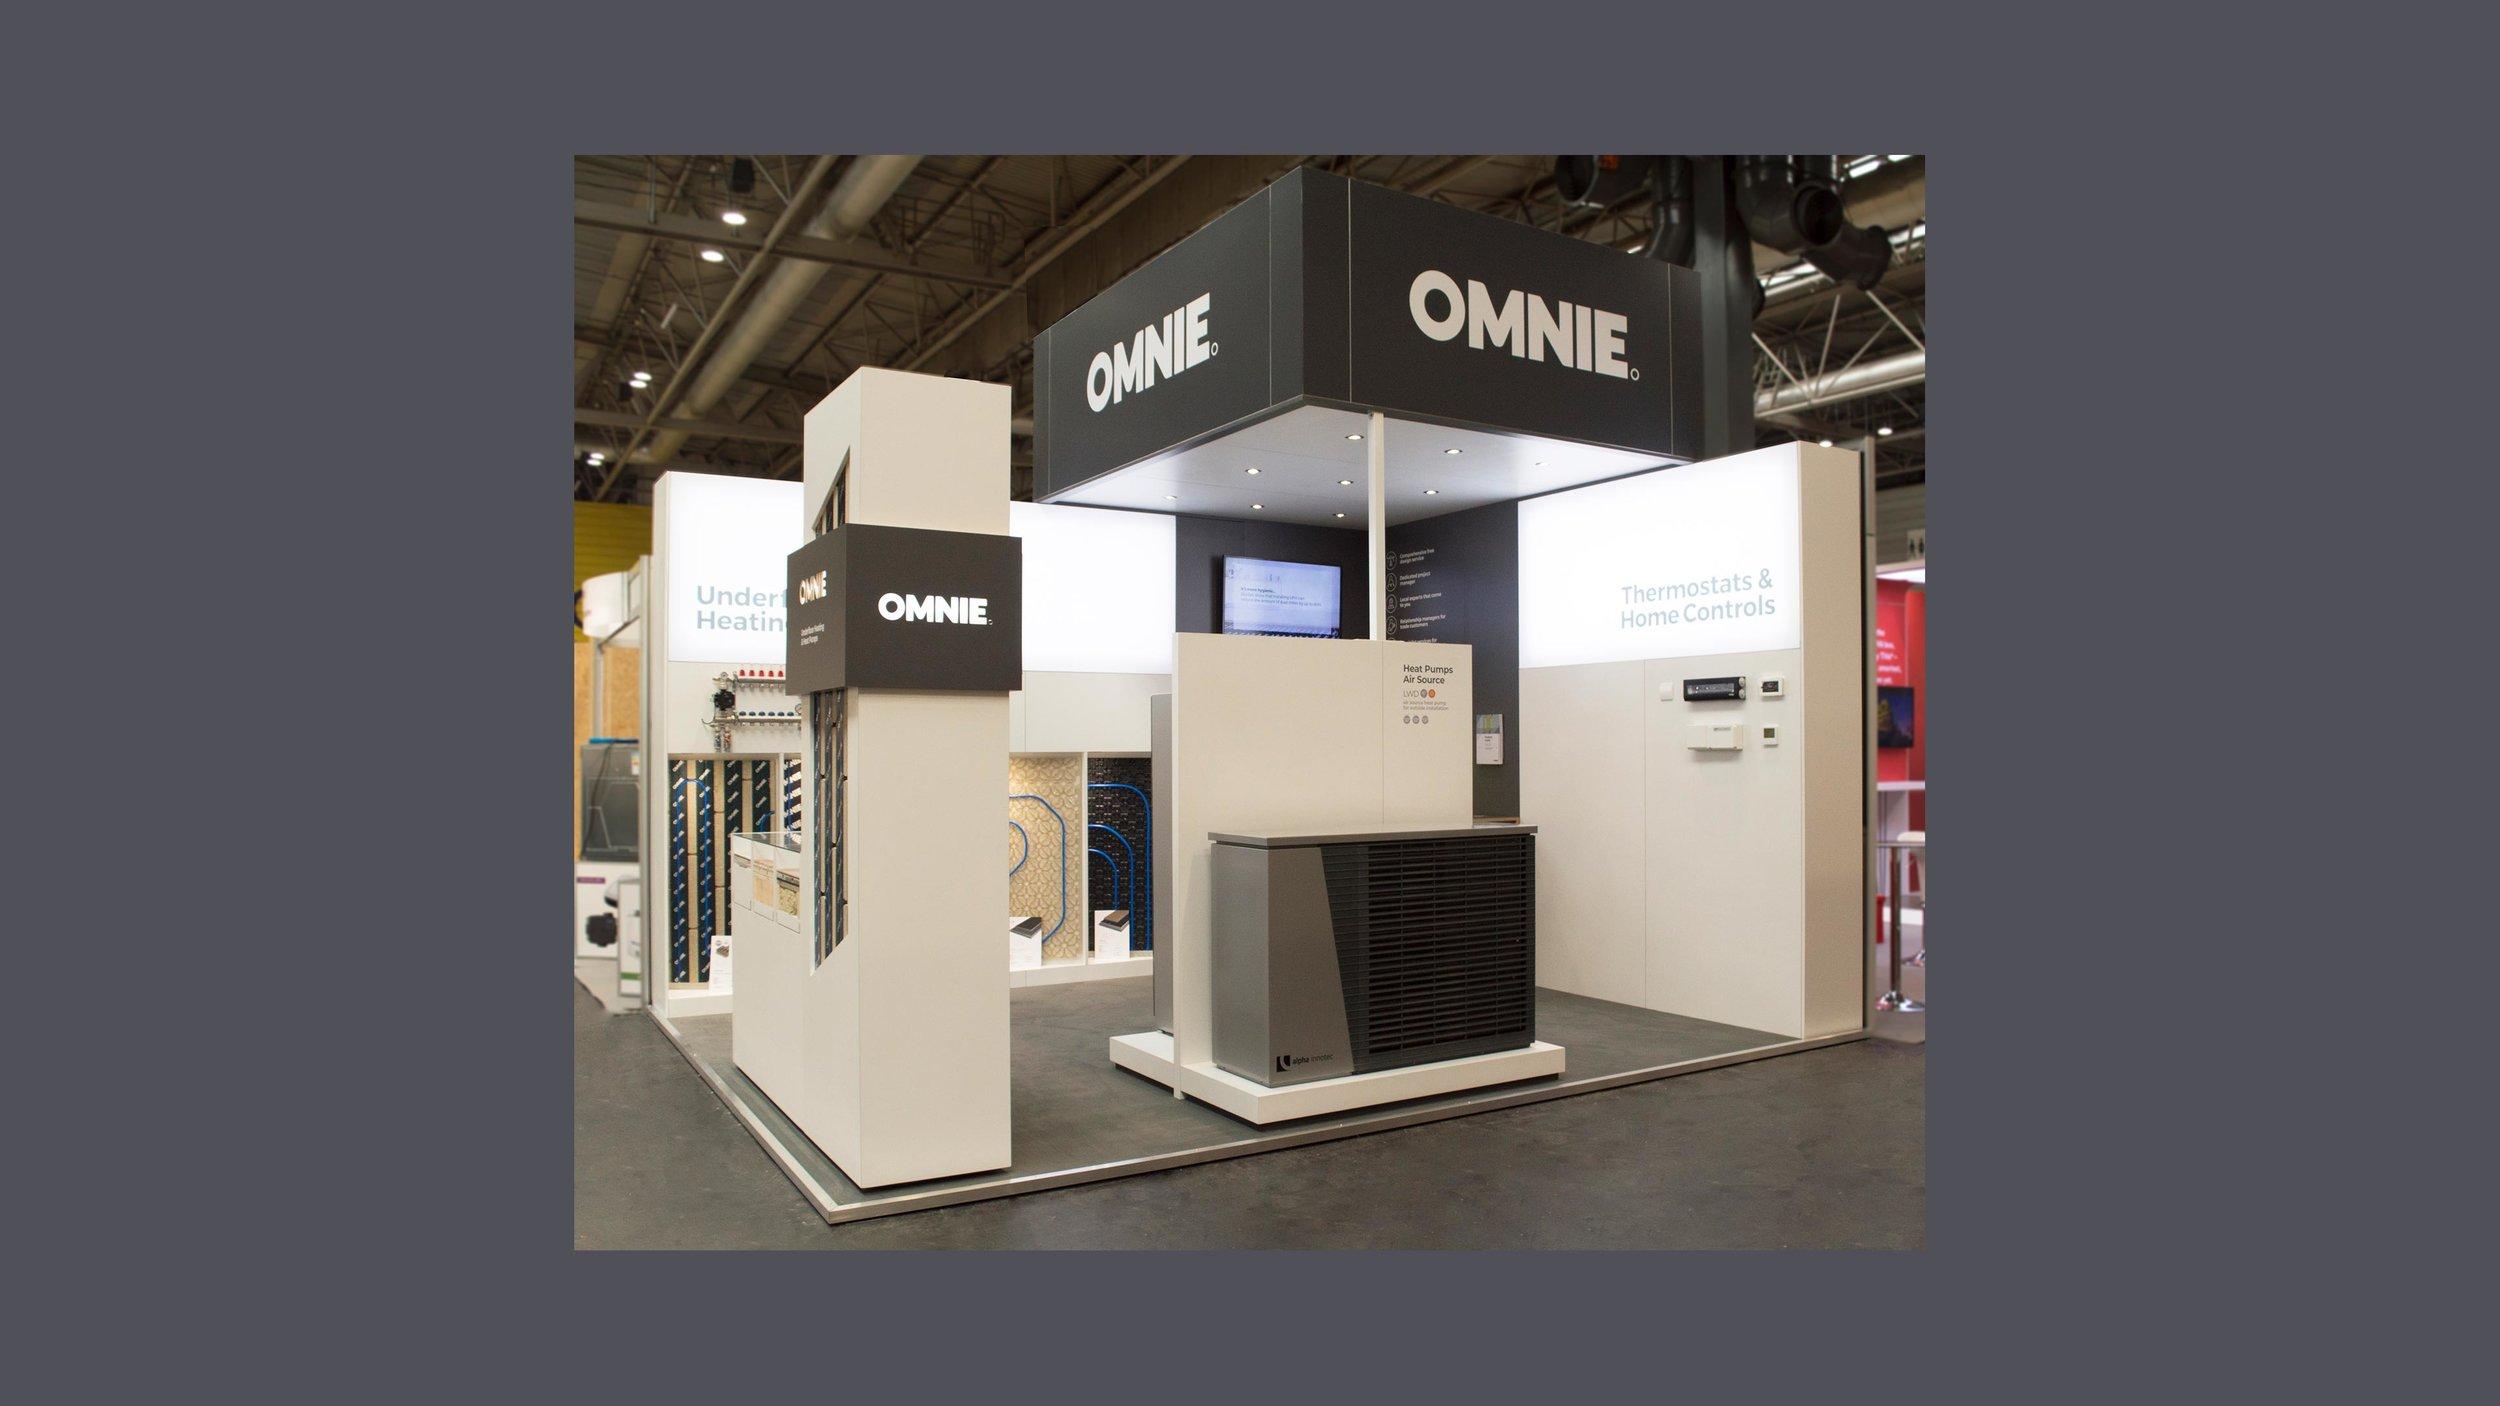 Omnie-Image-01.jpg